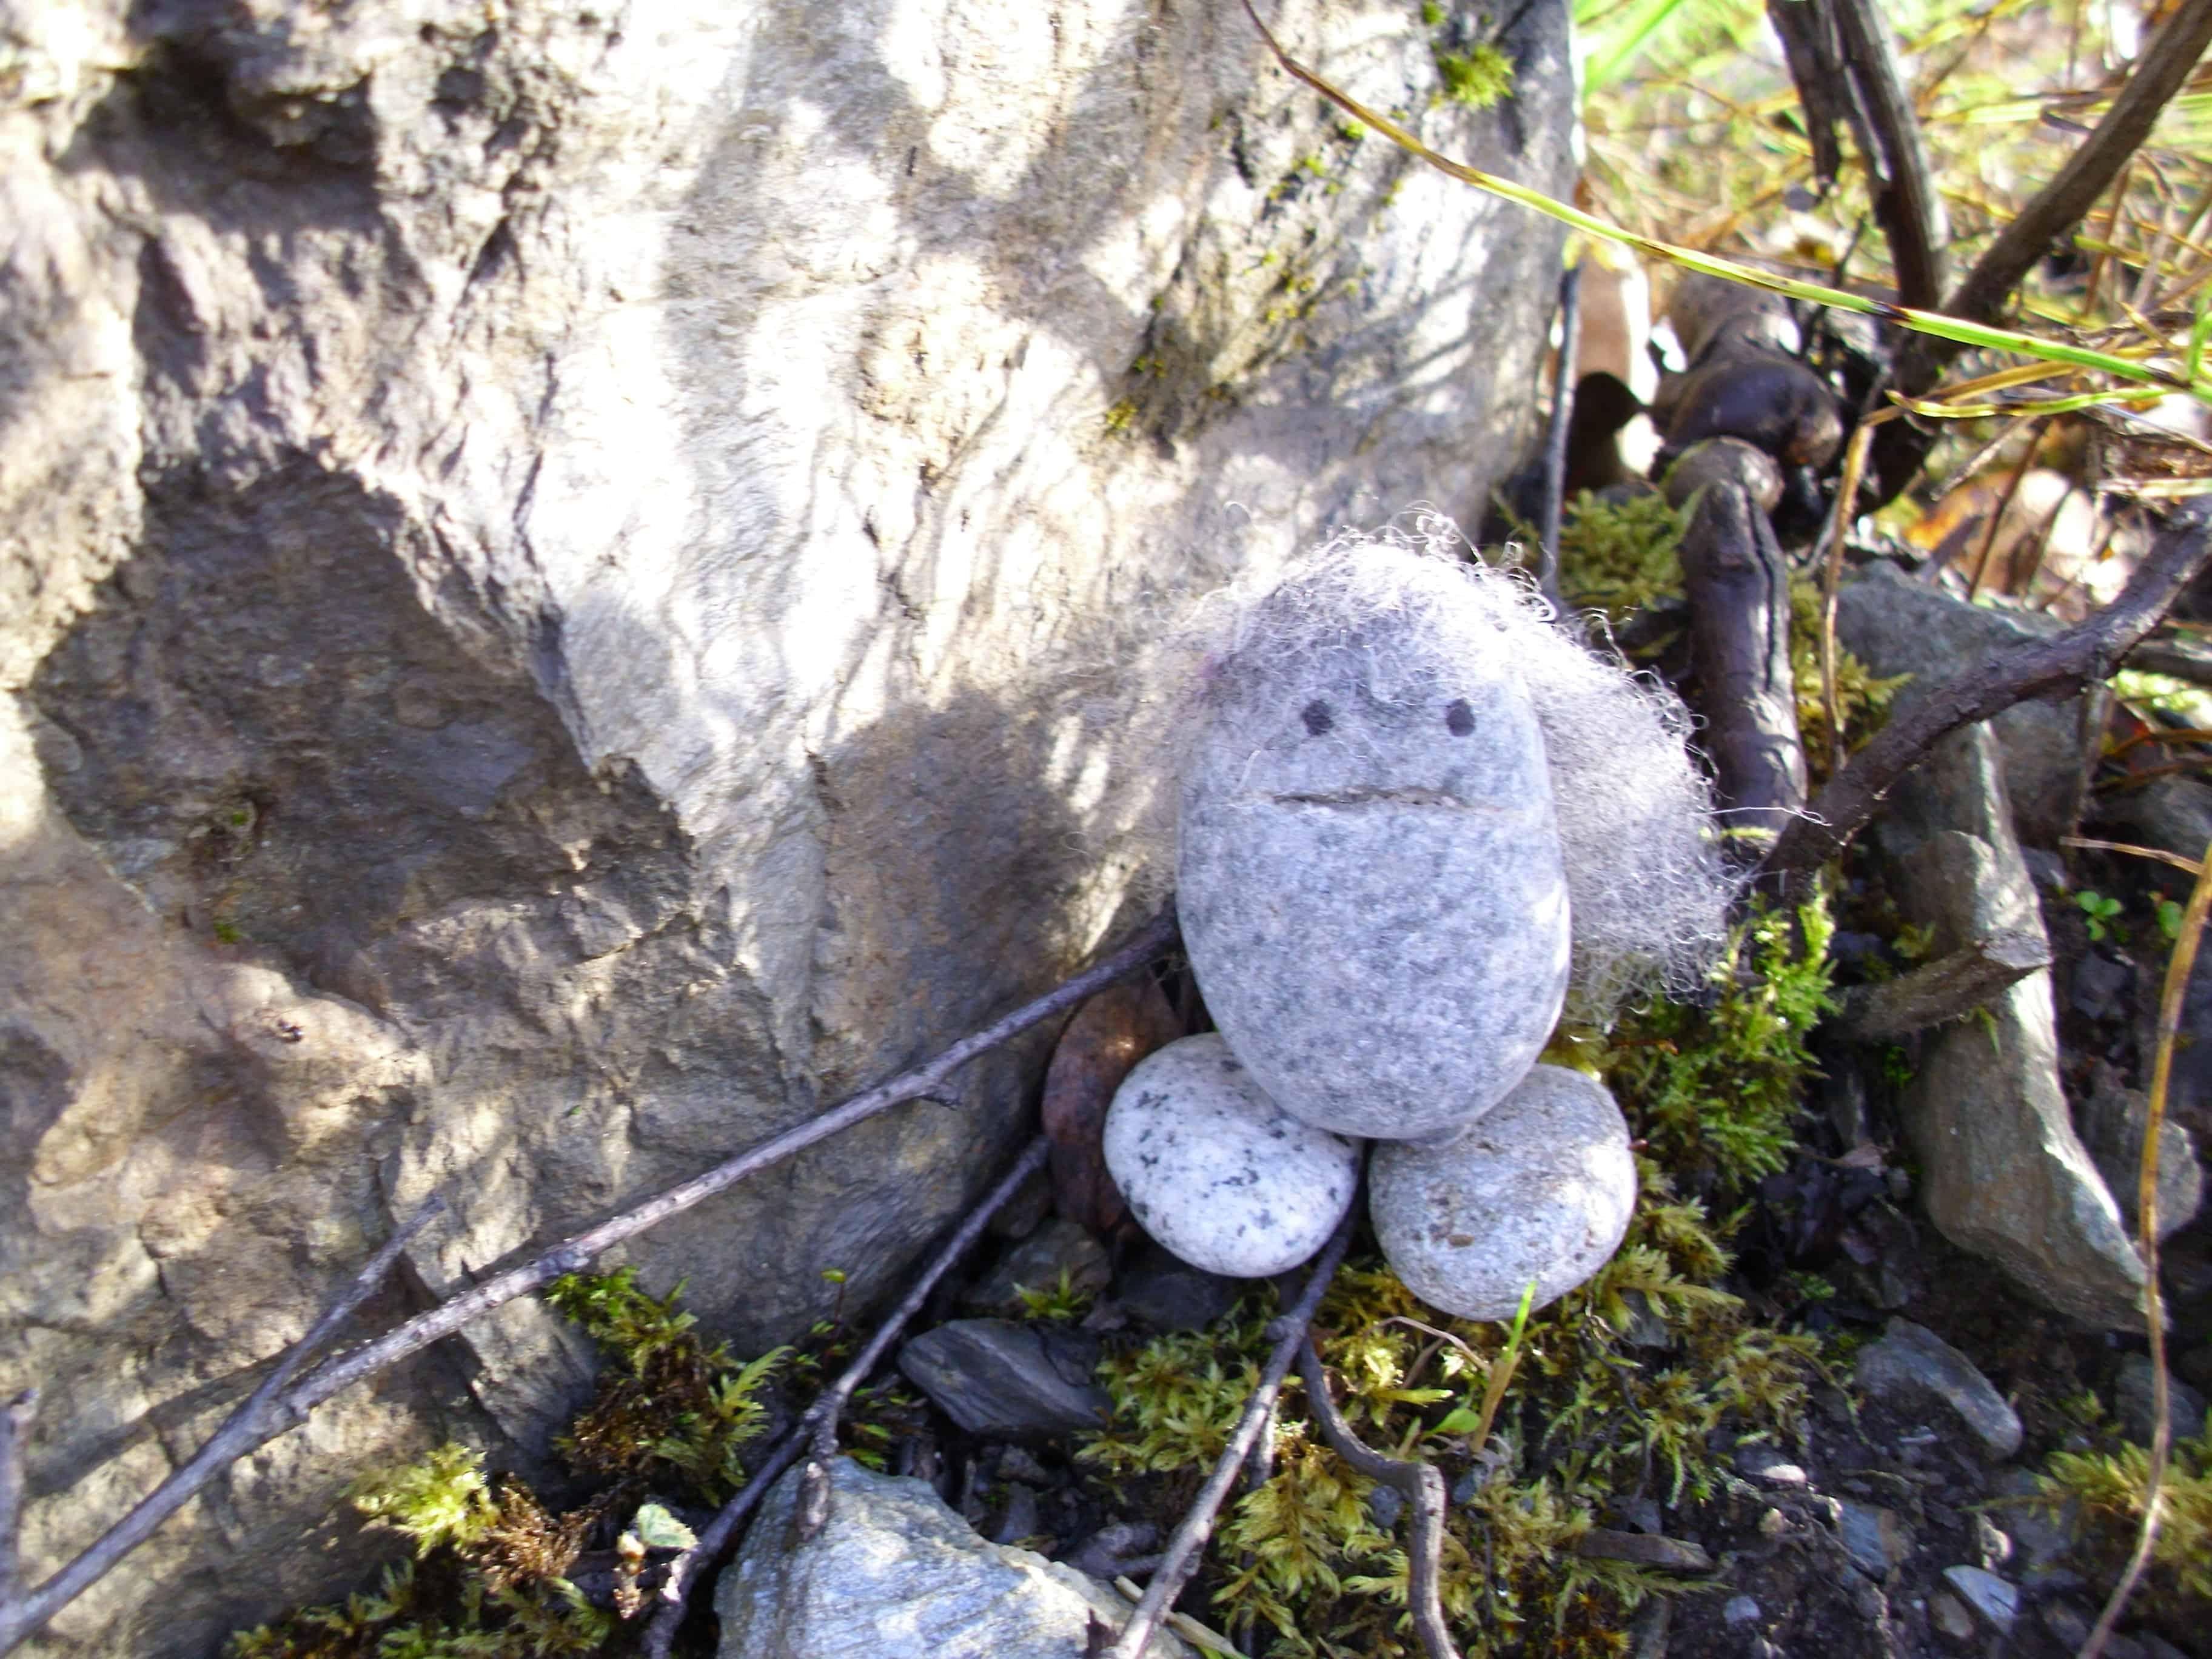 Stone Troll